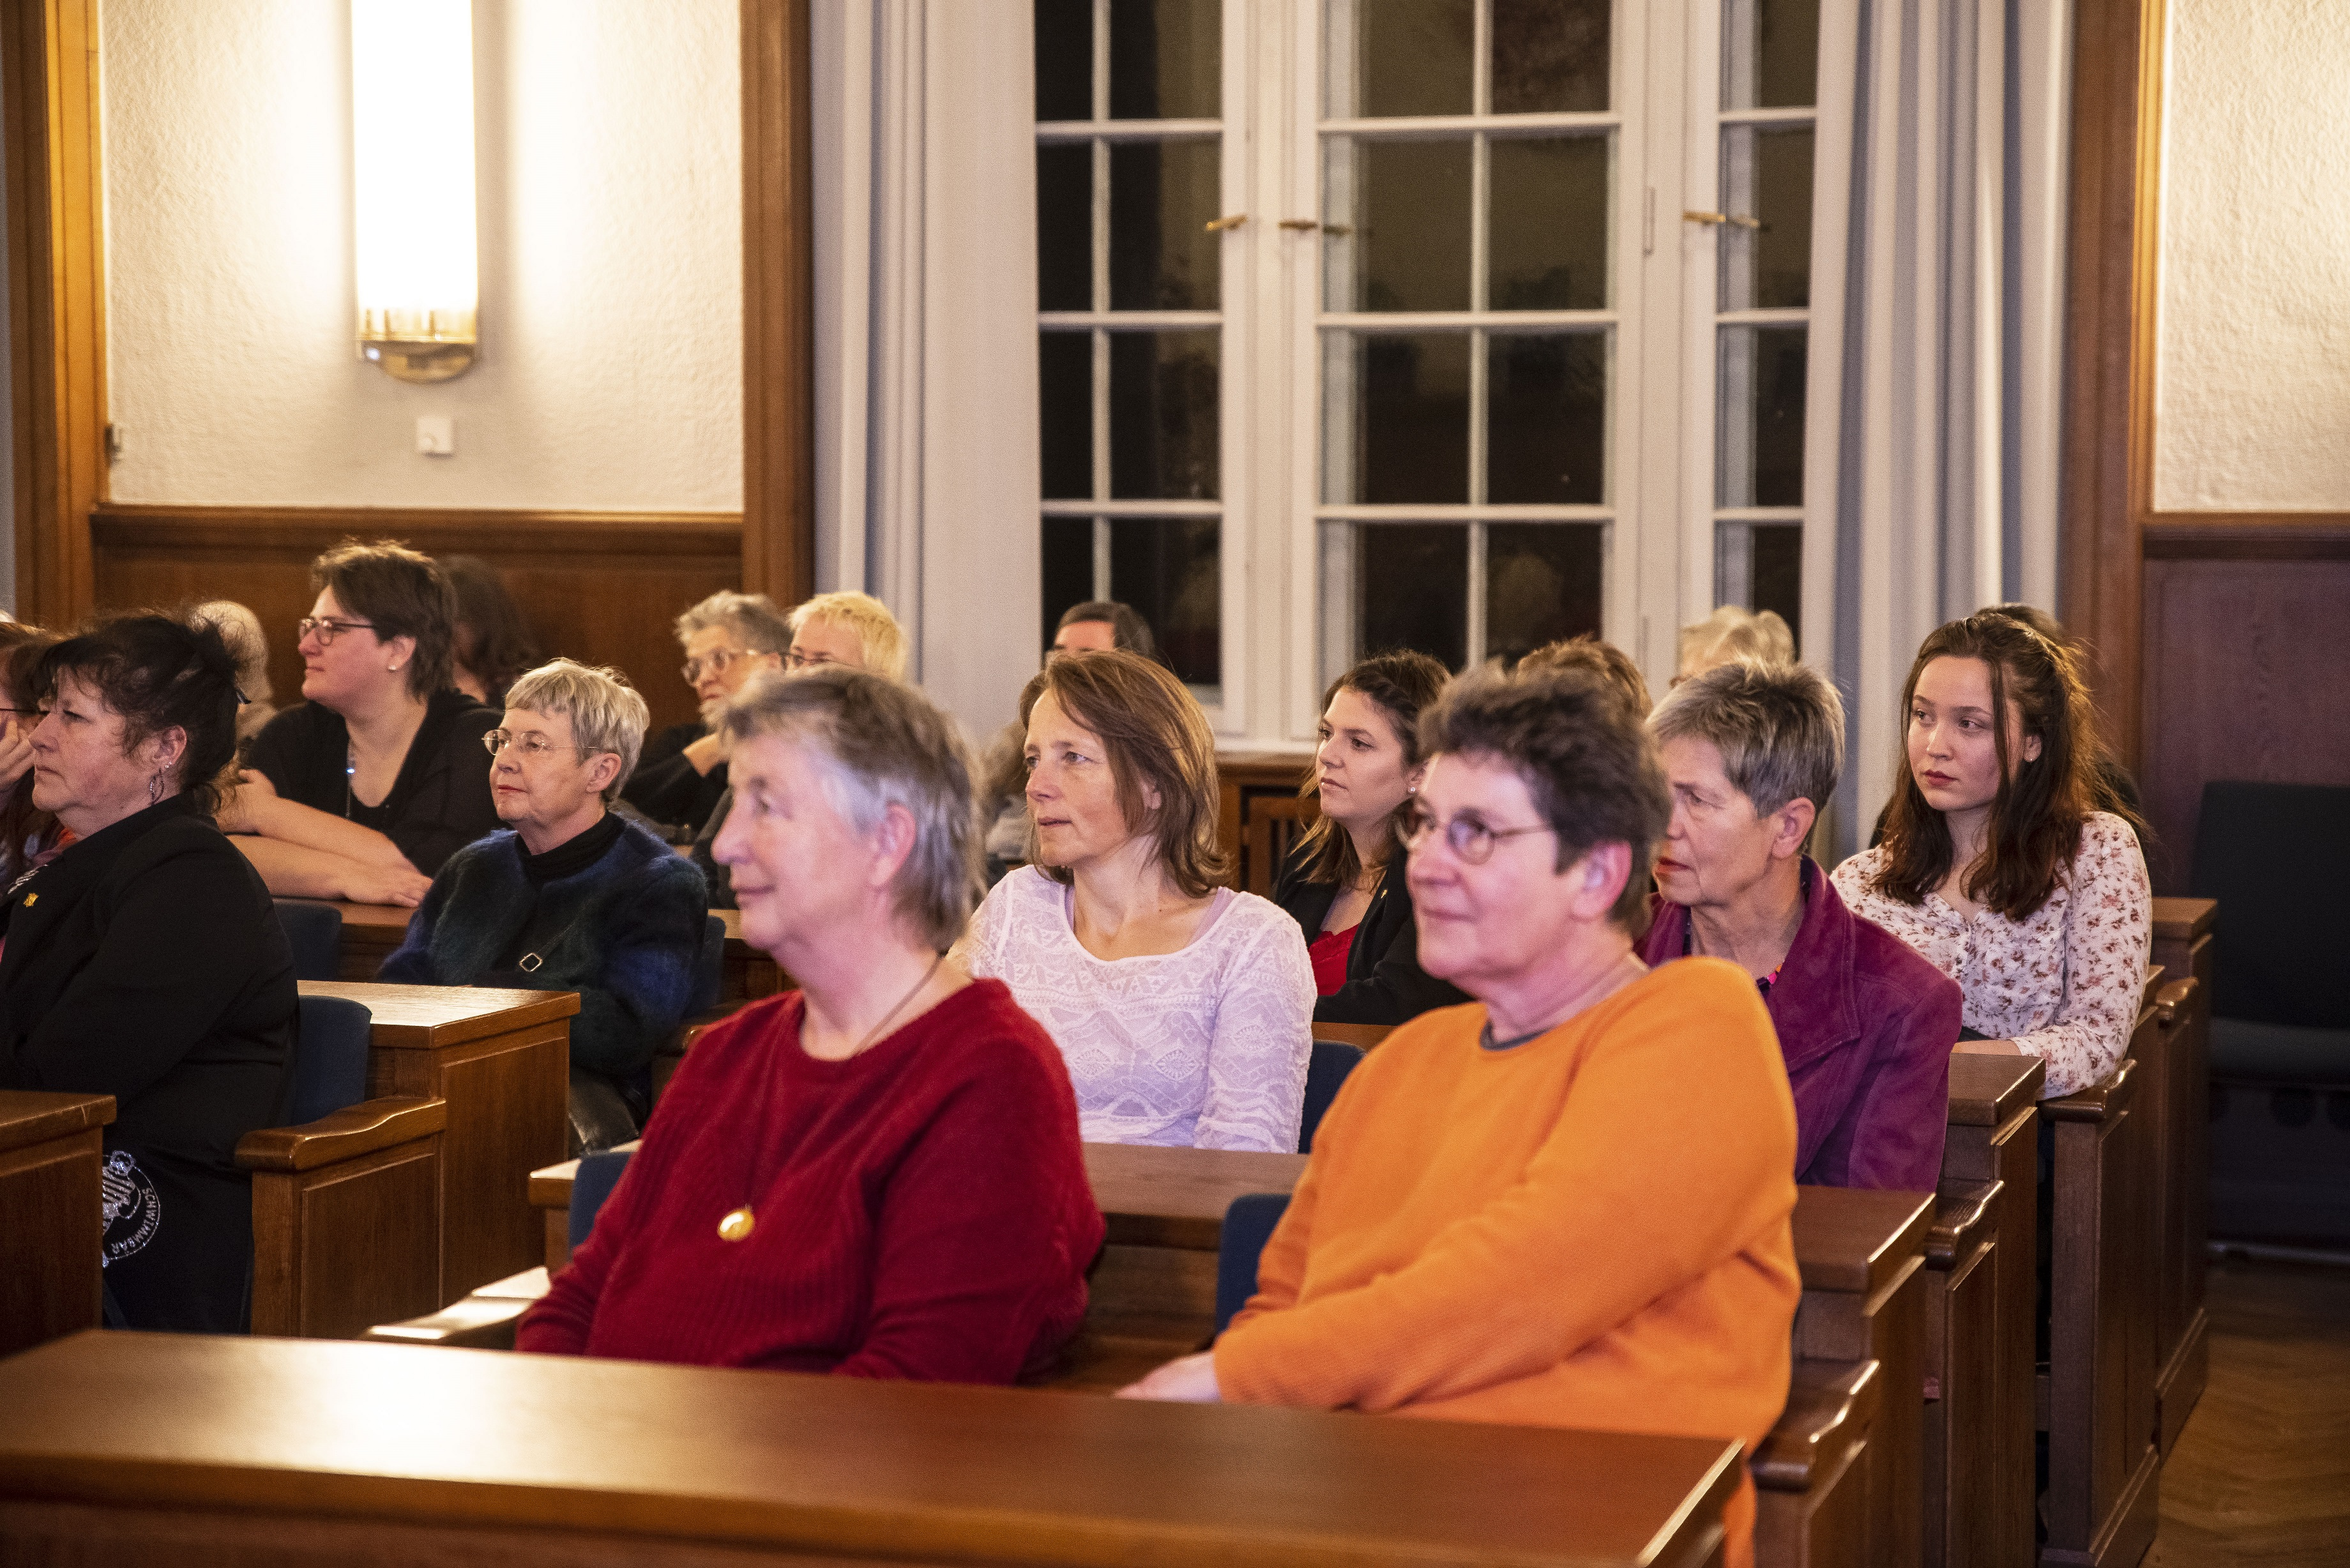 Feier 100 Jahre Frauenwahlrecht mit dem Blick nach vorne 8